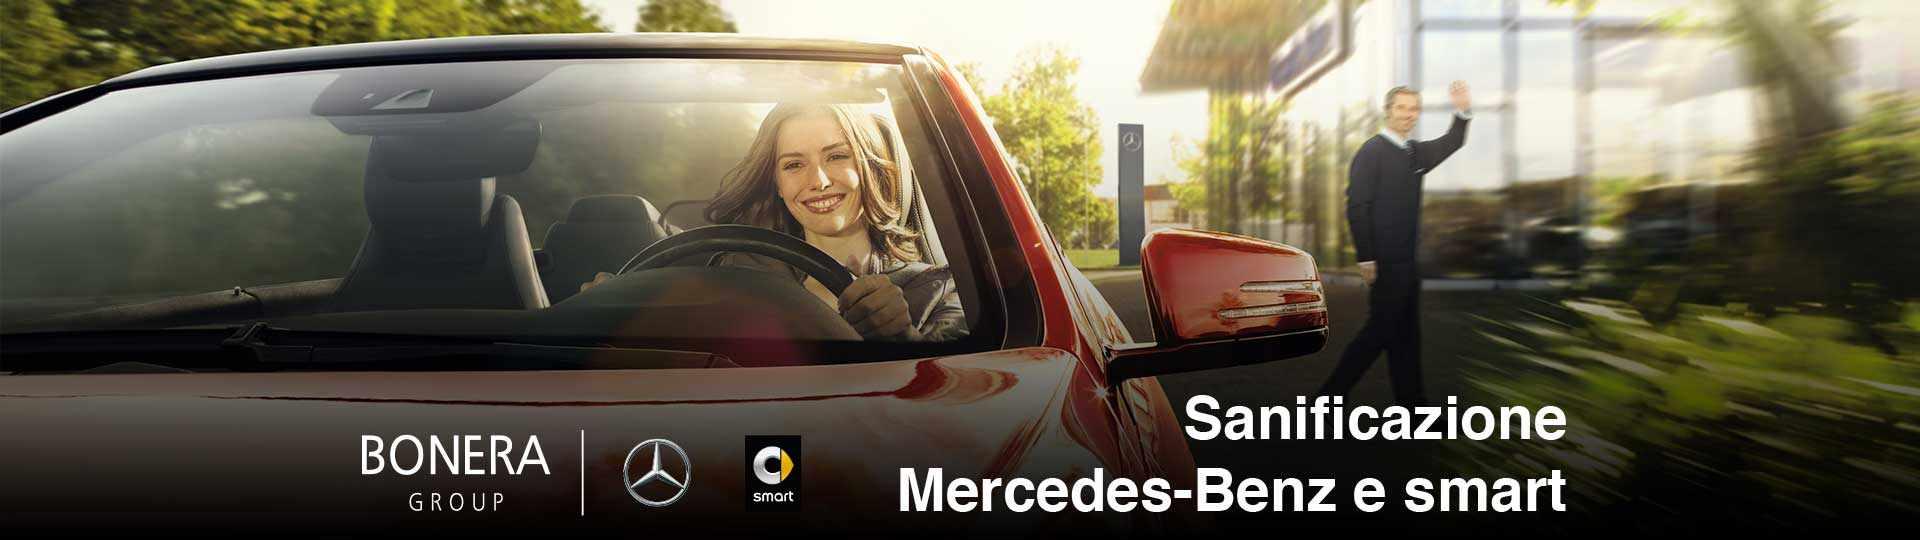 header_sanificazione_mb_smart.jpg